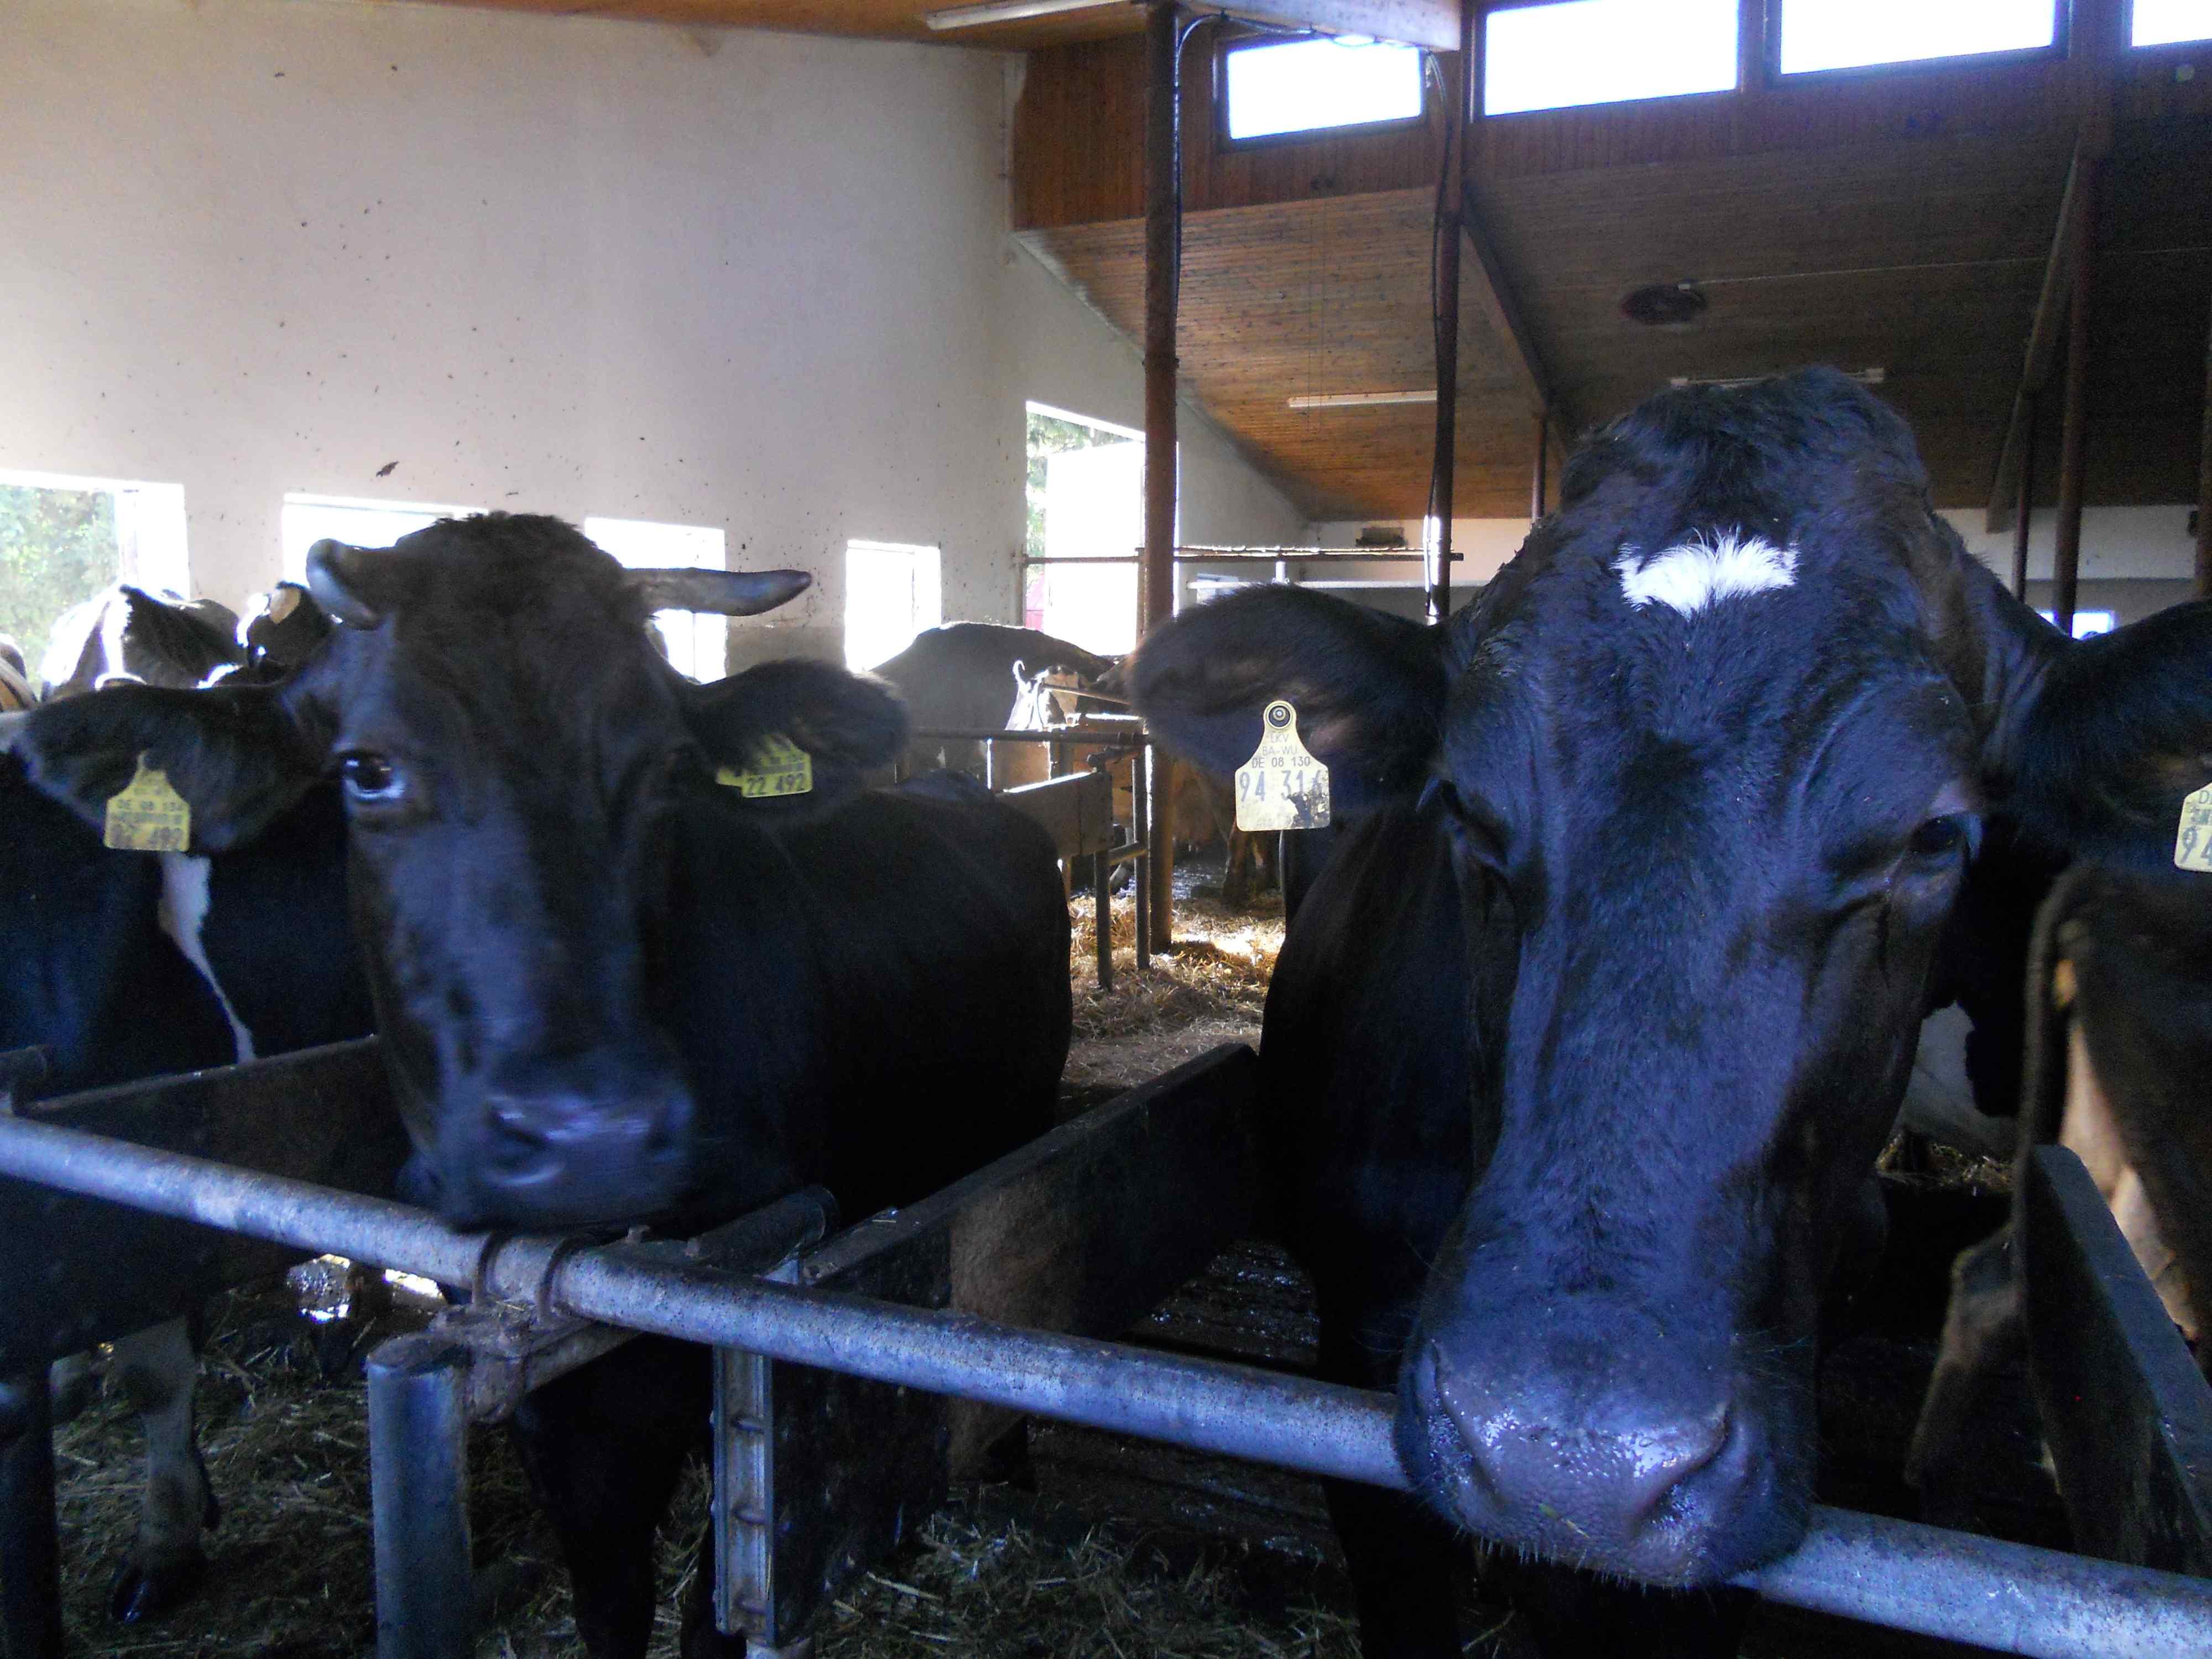 biodinamikus tehenek - eredetileg 50 tehene volt a gazdának, ma már csak 30, mert ennyi is elég nekik